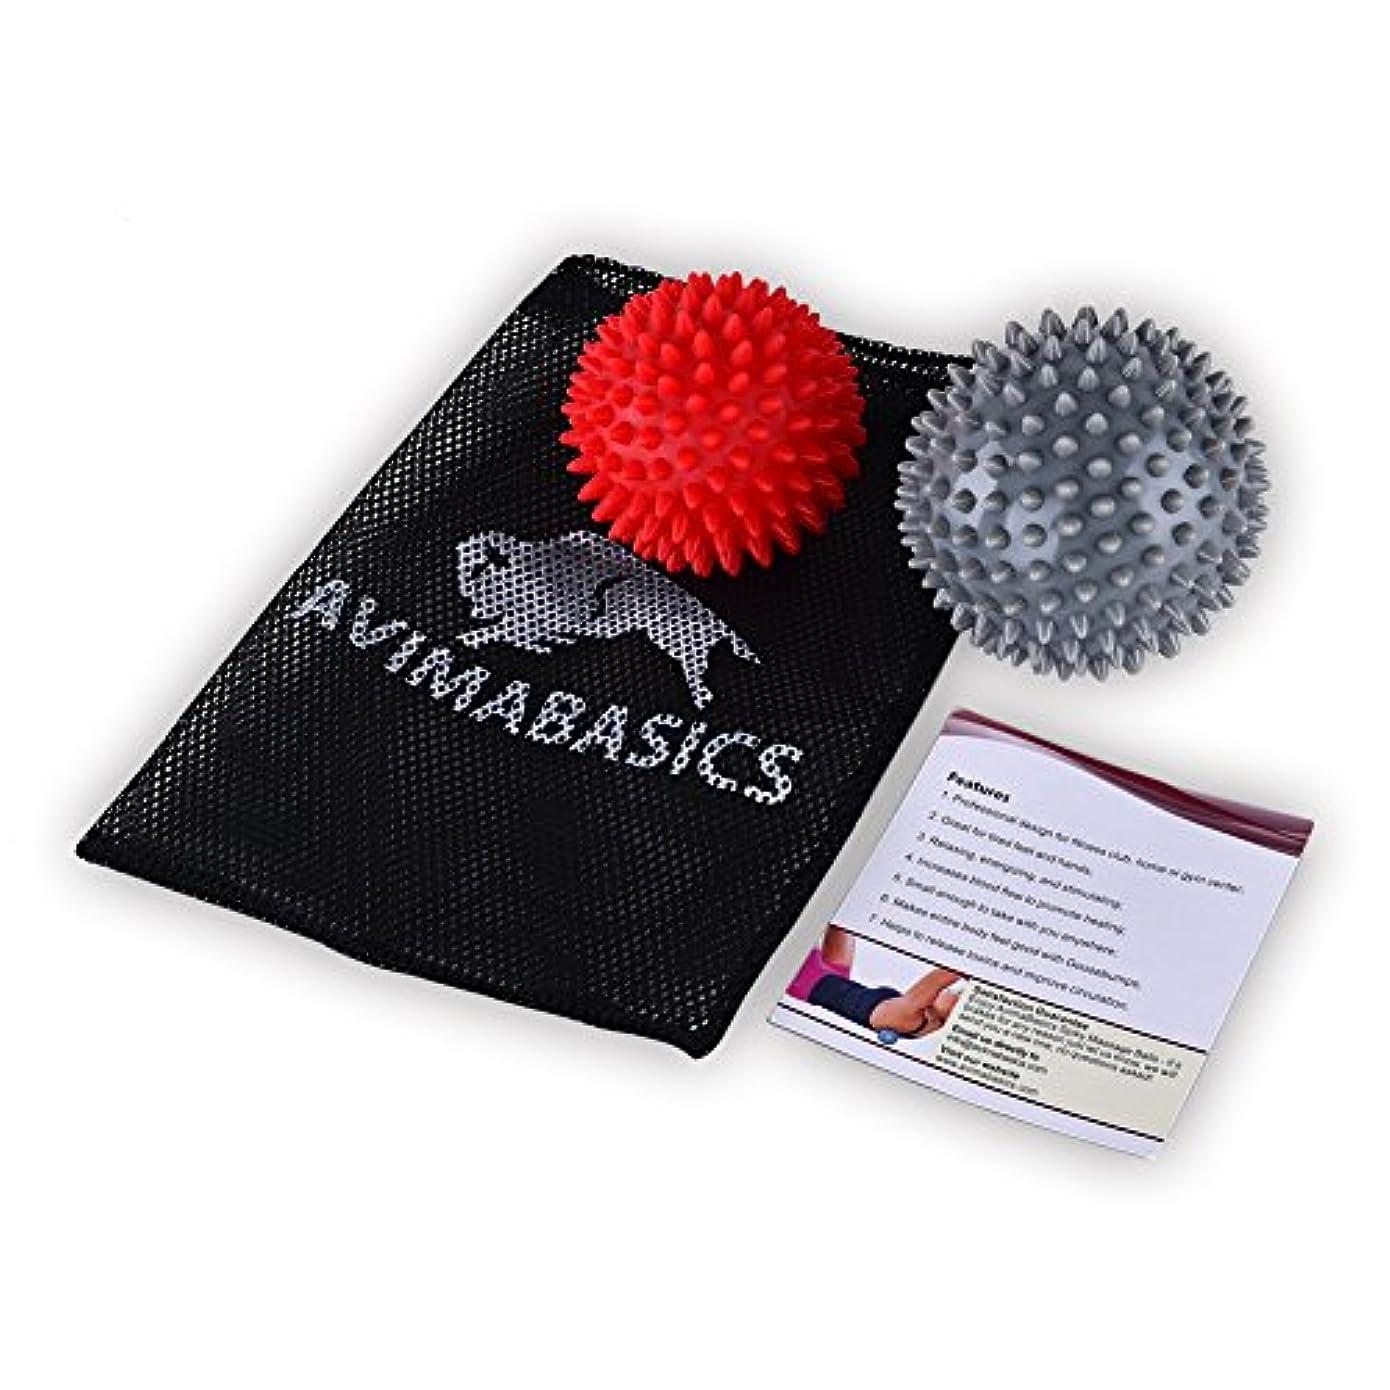 慢光沢のある率直な#1 BEST Spiky Massage Balls Reflexology Foot Body Arm Pain Stress Relief Trigger Point Sport Hand Exercise Muscle...